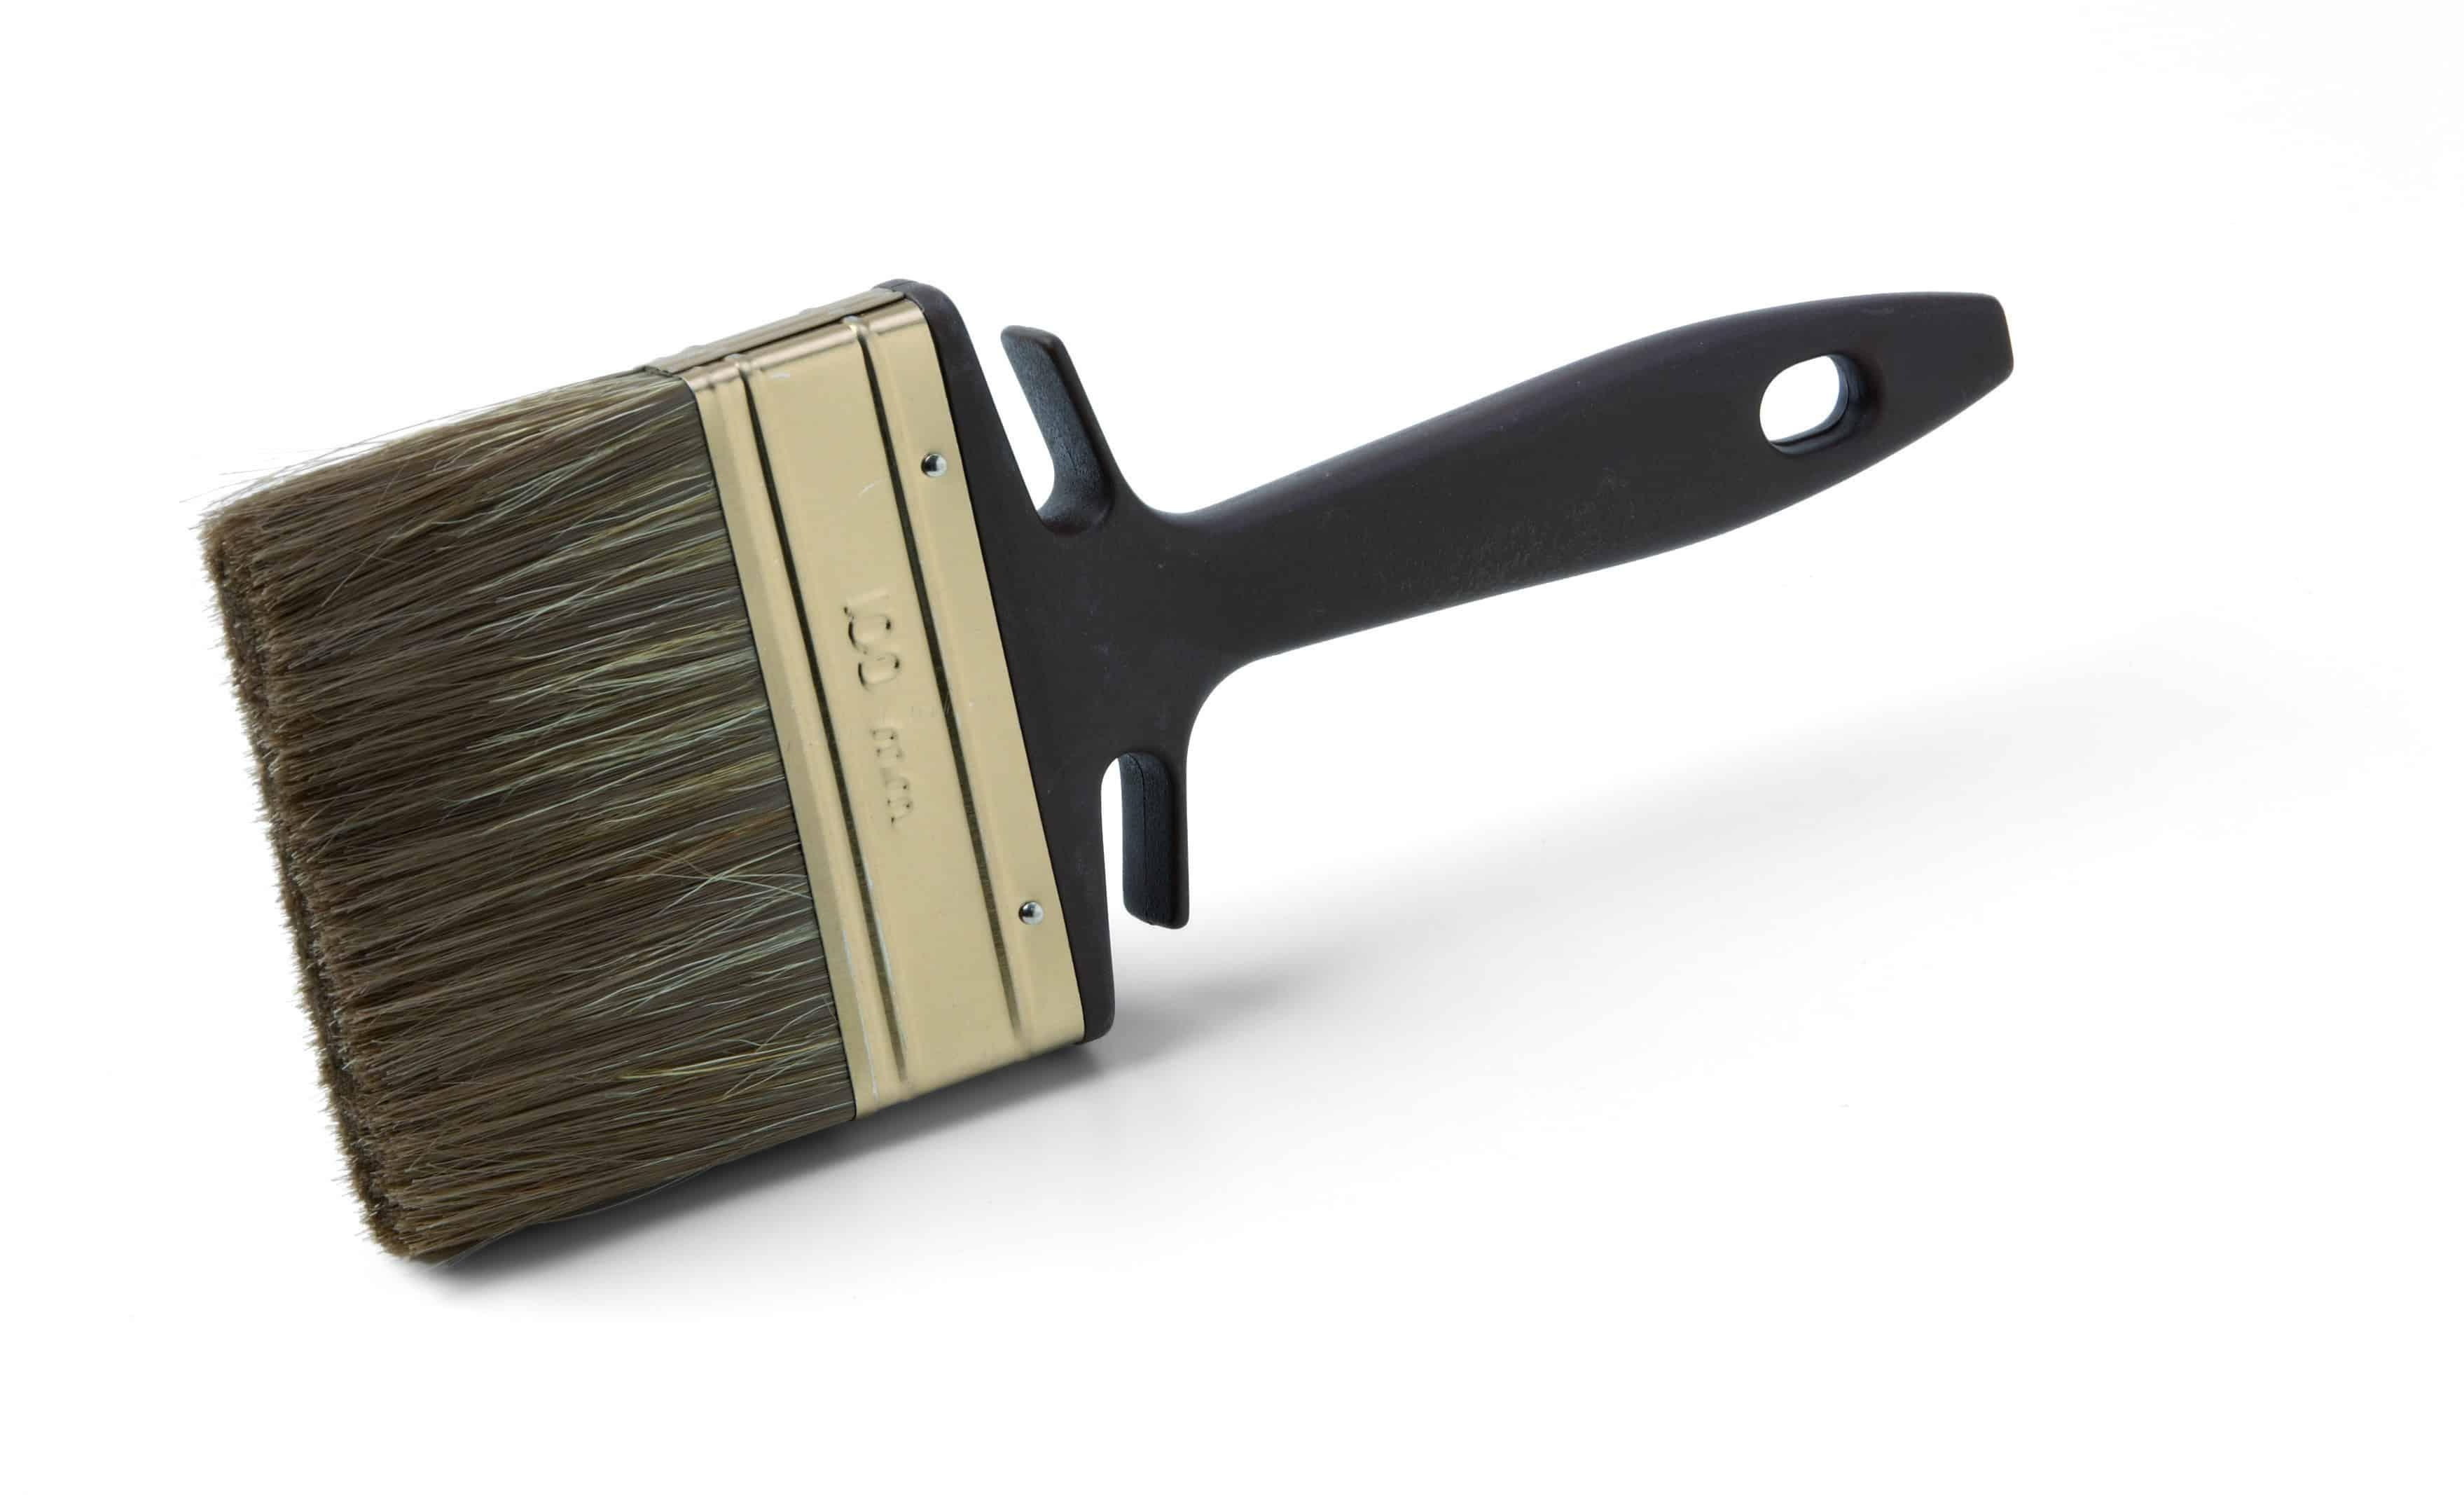 Holzschutzstreicher Timber FS Pro